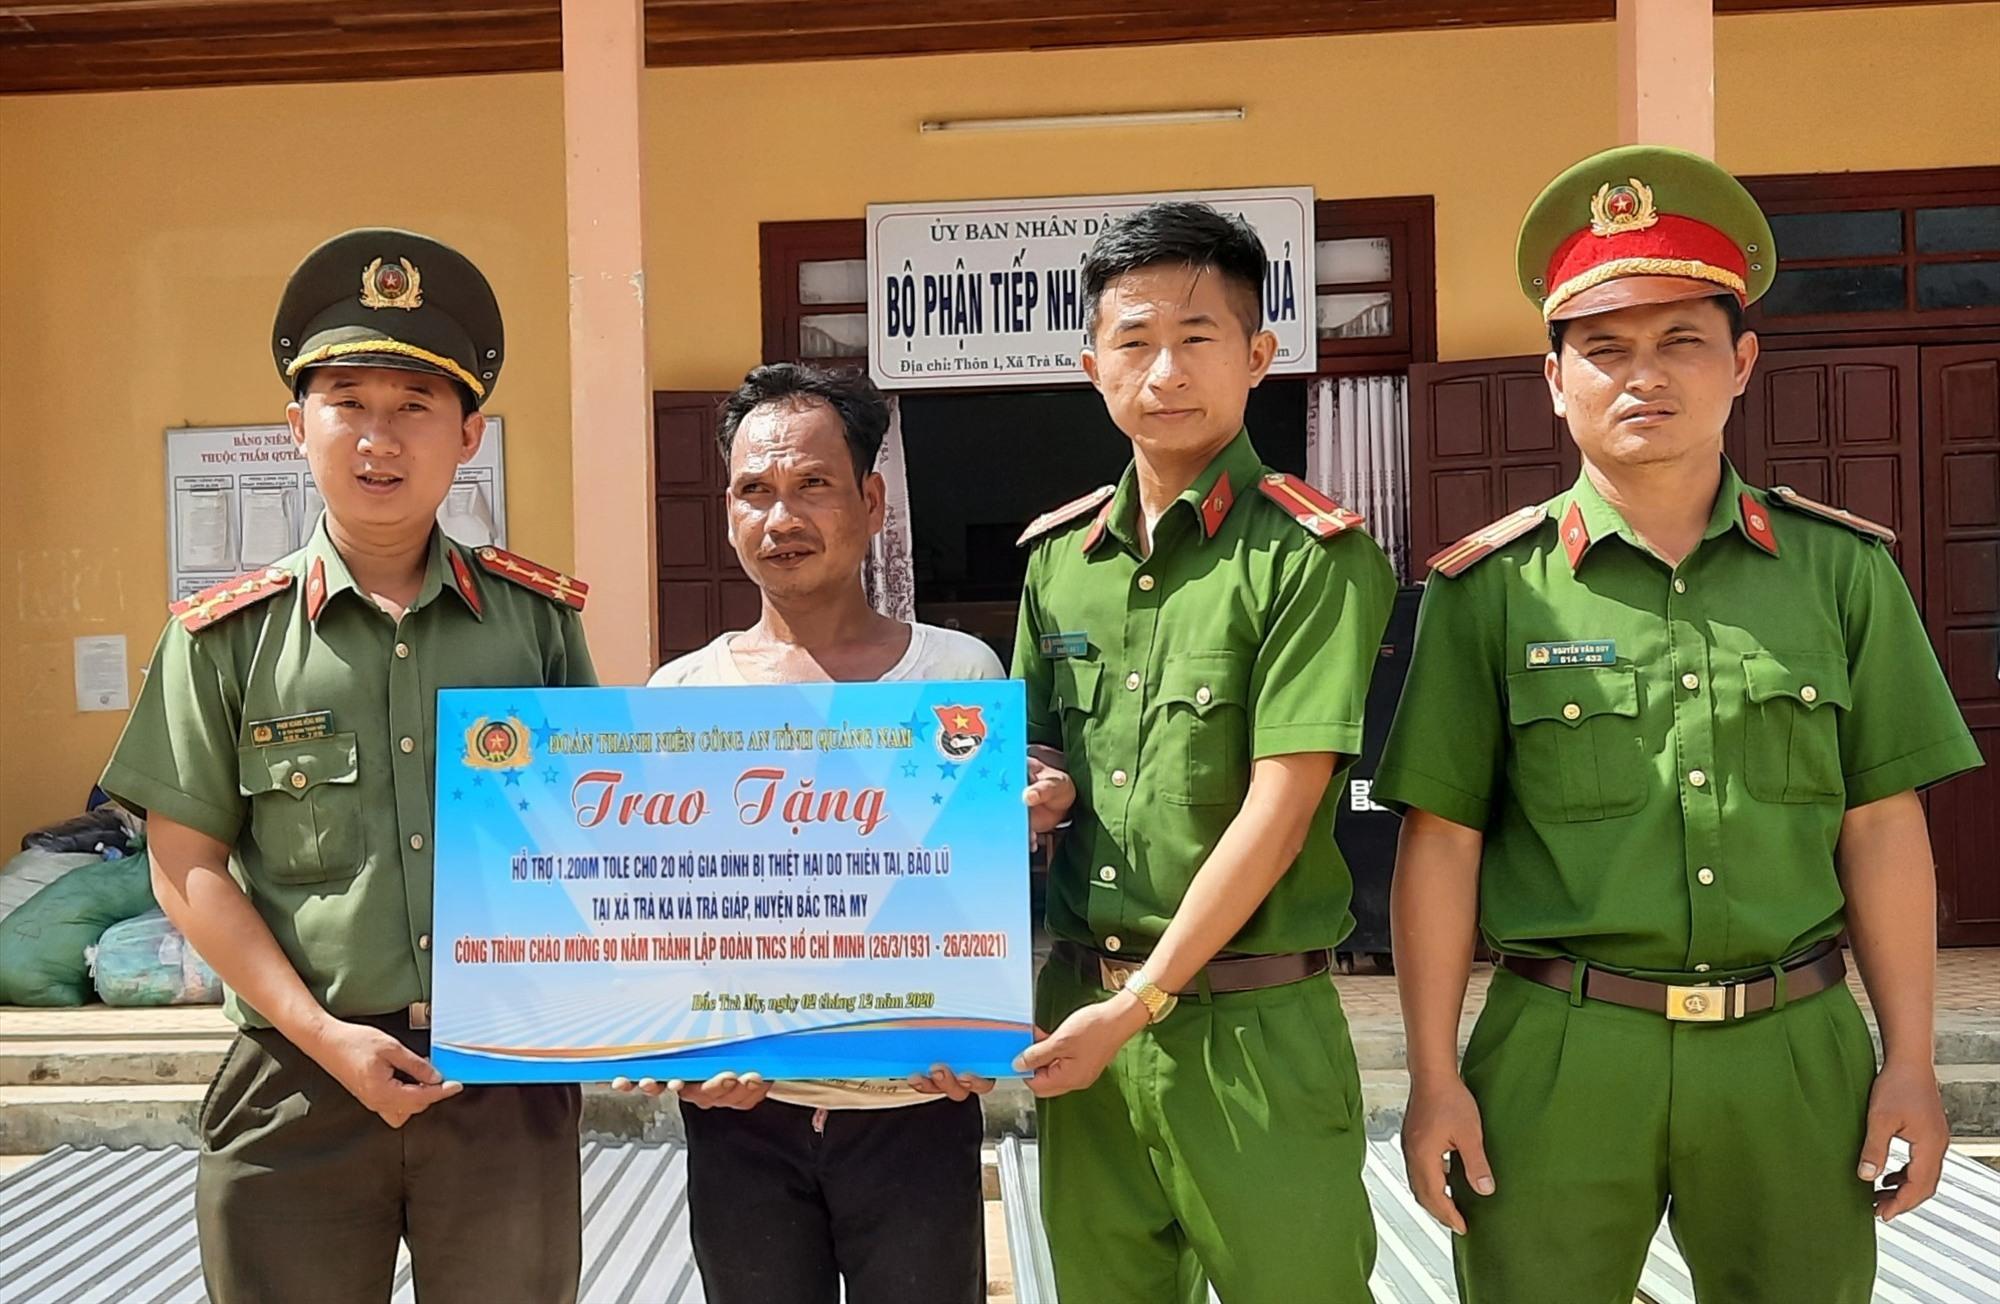 Đoàn Thanh niên Công an tỉnh trao tặng 10 phần quà cho 10 hộ dân gặp khó khăn do đợt thiên tai vừa qua. Ảnh: HỒ QUÂN